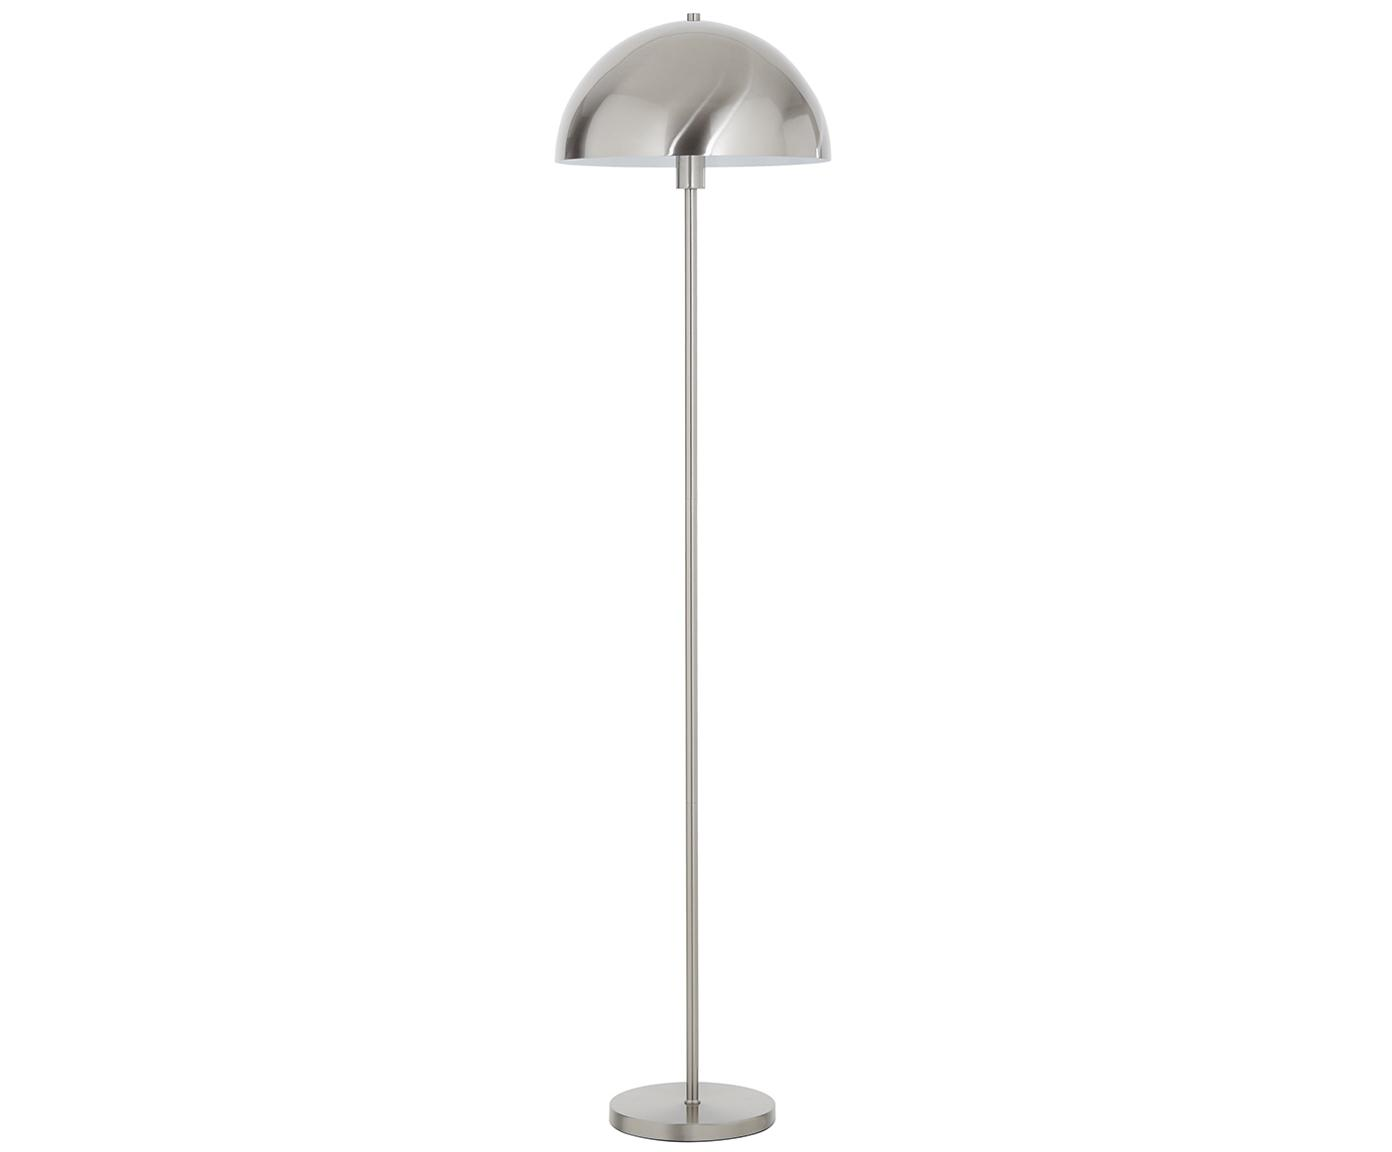 Vloerlamp Matilda, Lampenkap: geborsteld metaal, Lampvoet: geborsteld metaal, Zilverkleurig, Ø 40 x H 164 cm